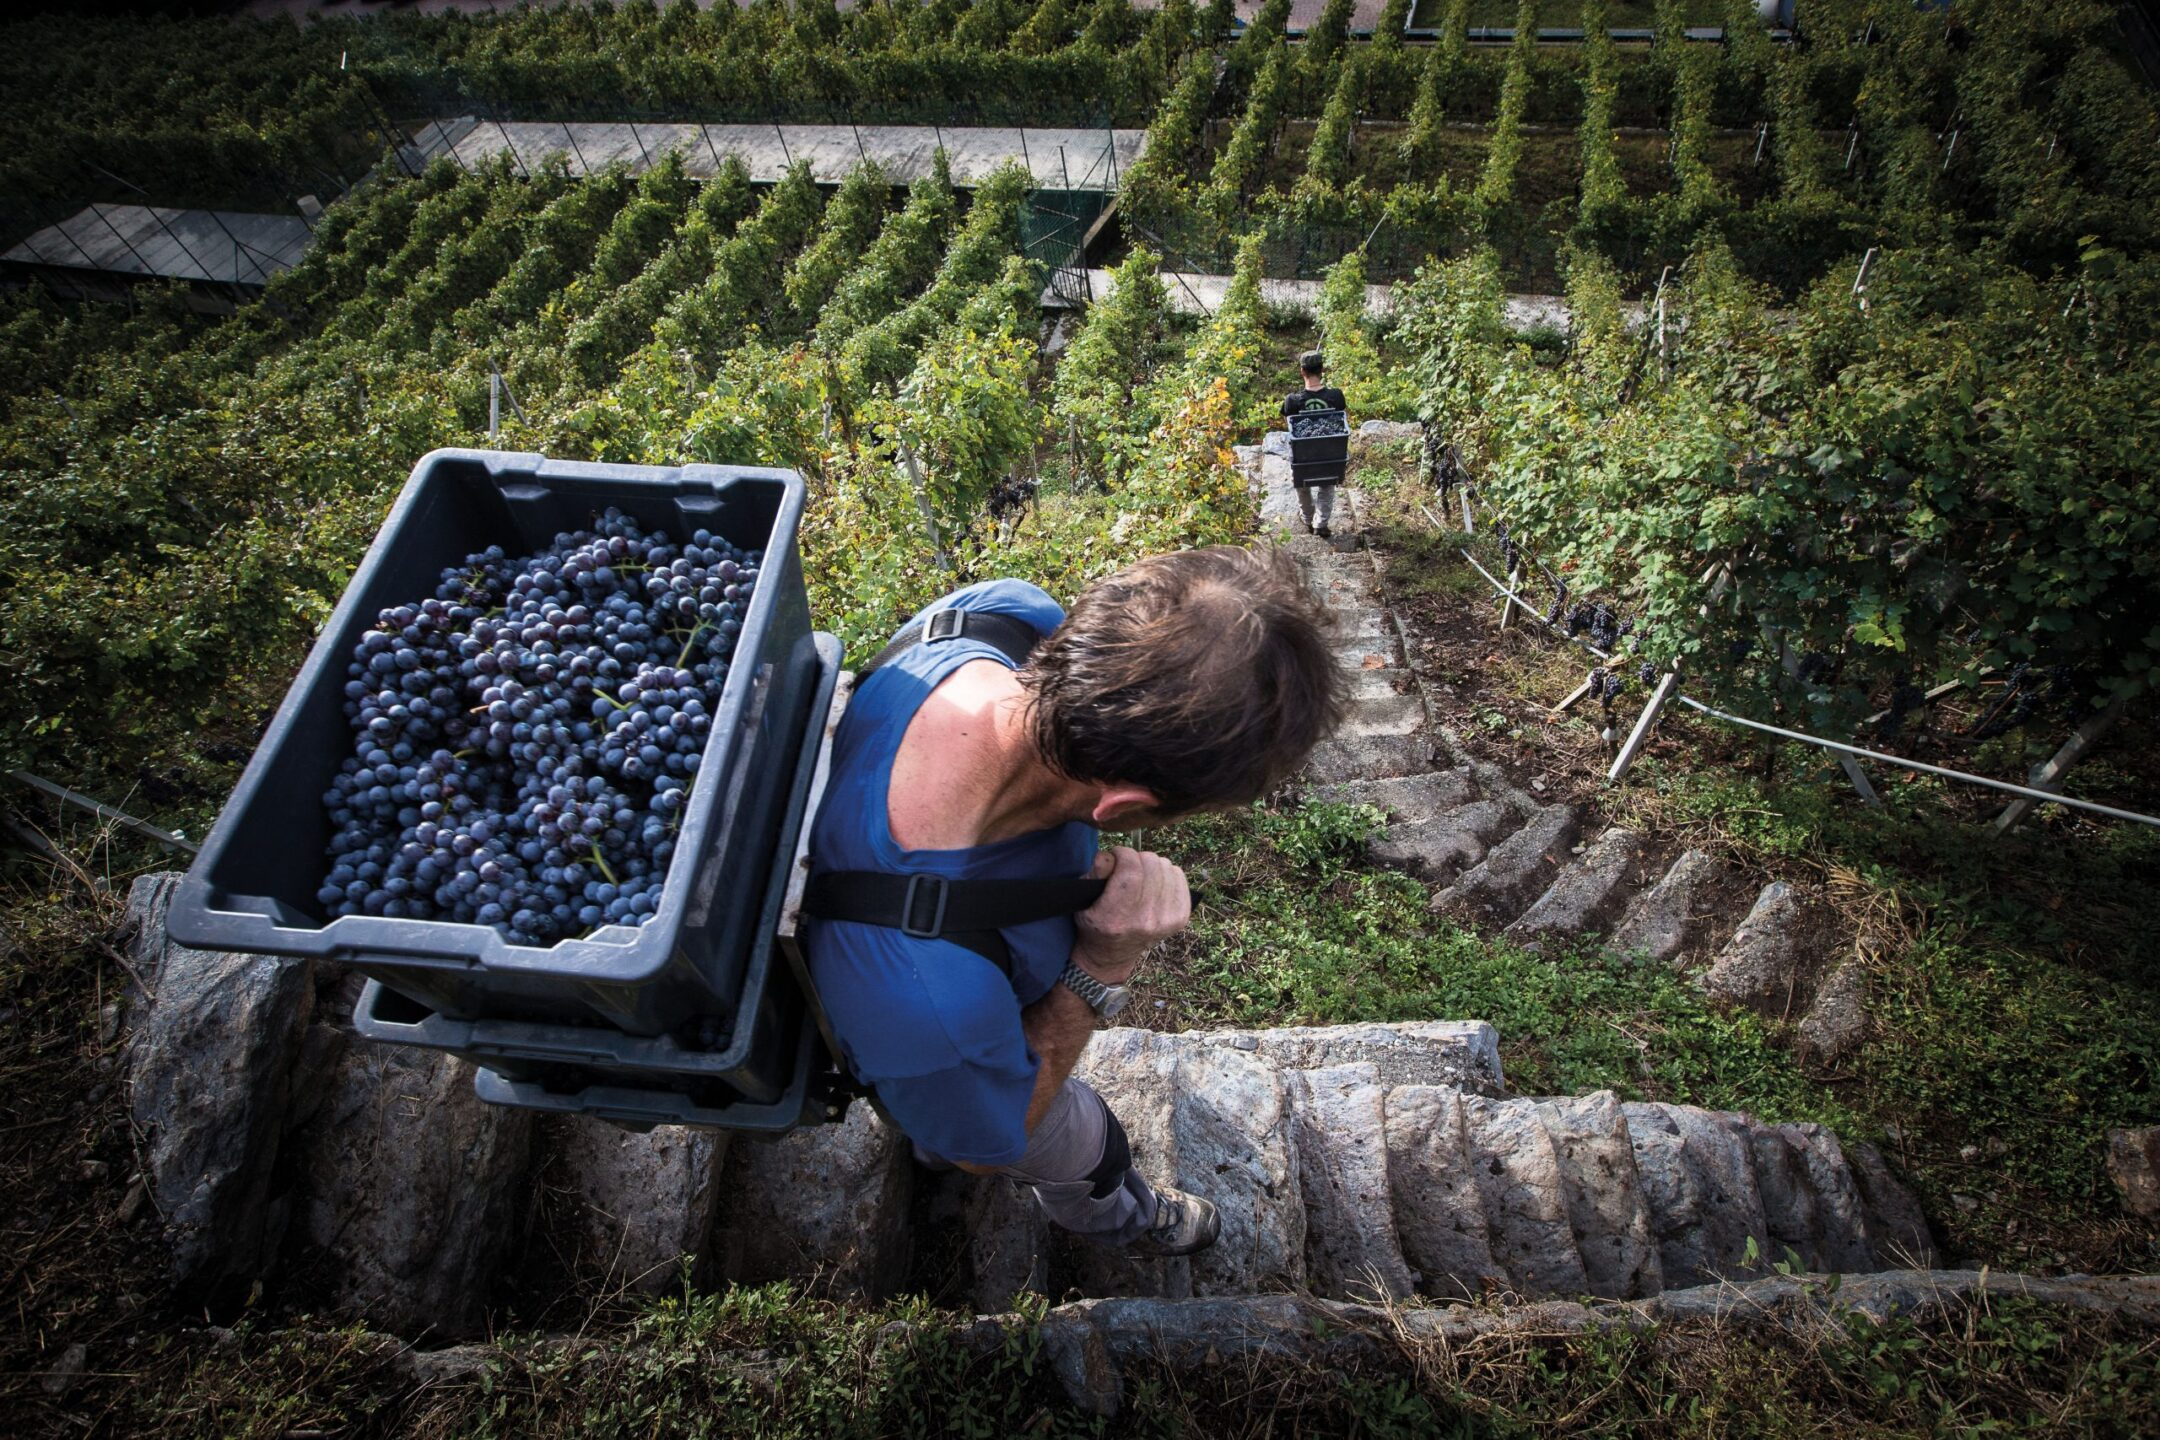 Migliori vini italiani: Arpepe tra le 100 Eccellenze Italiane per Forbes